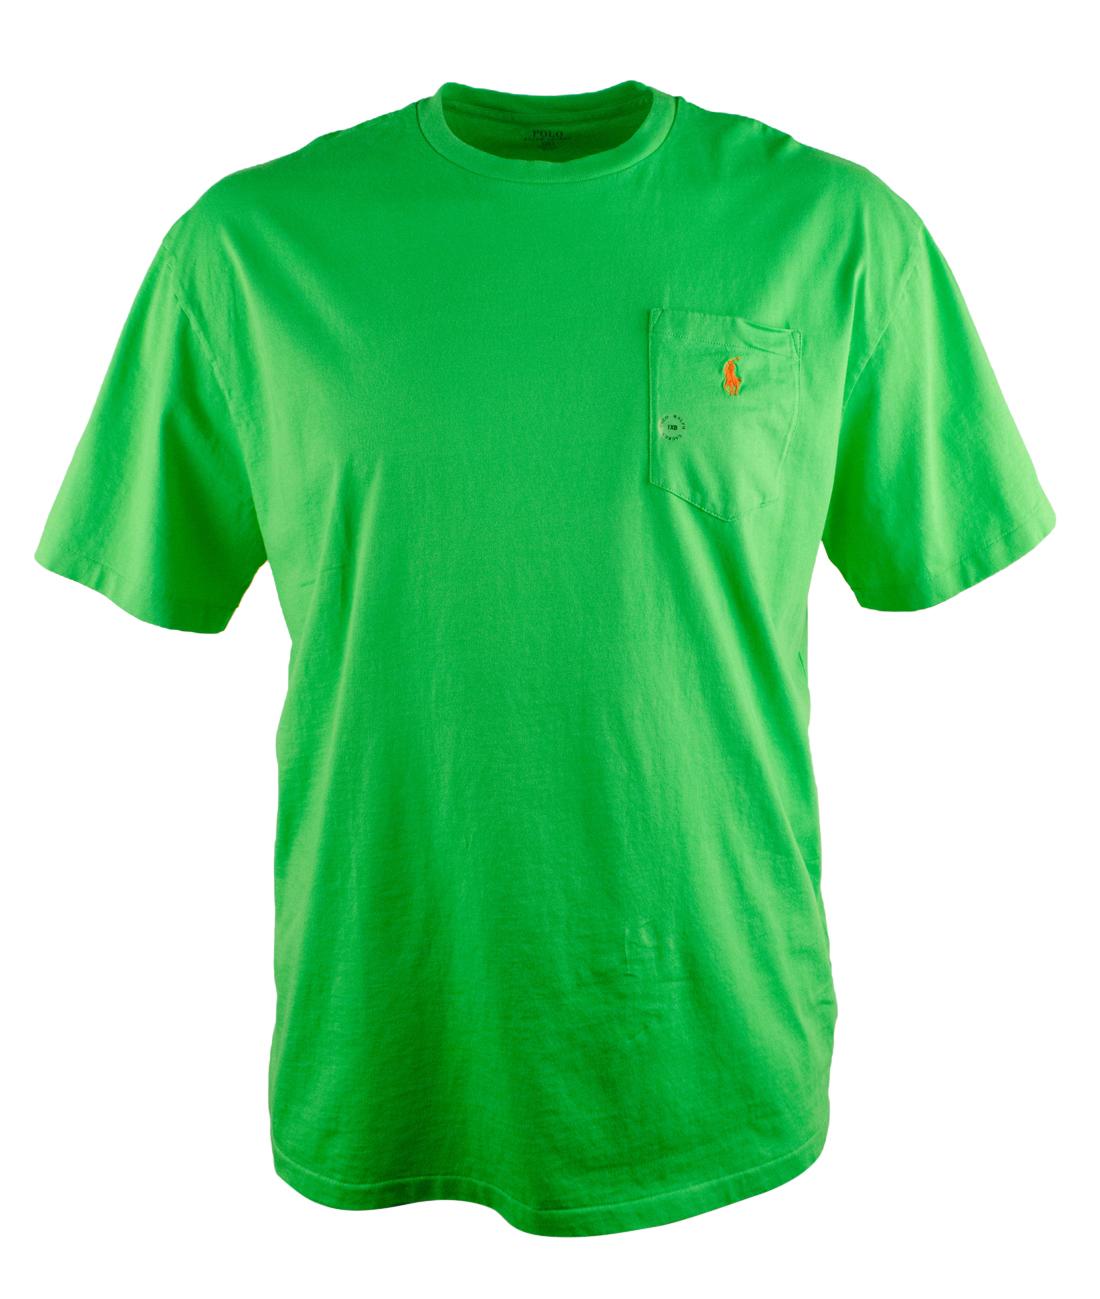 Polo ralph lauren men 39 s big and tall crewneck short sleeve for Tall ralph lauren polo shirts